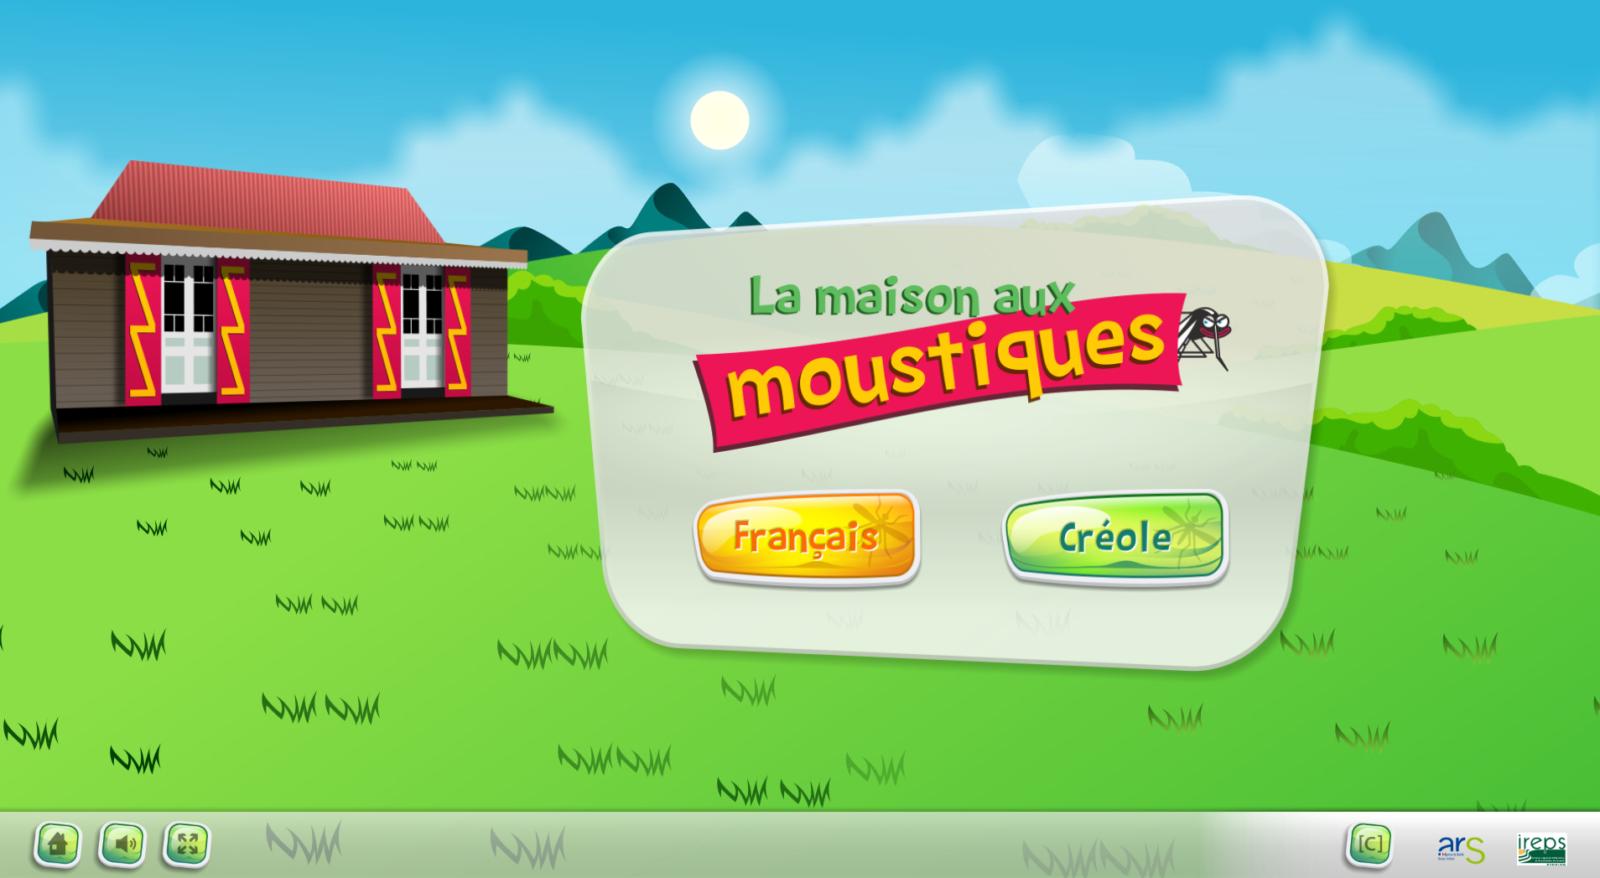 La maison aux moustiques